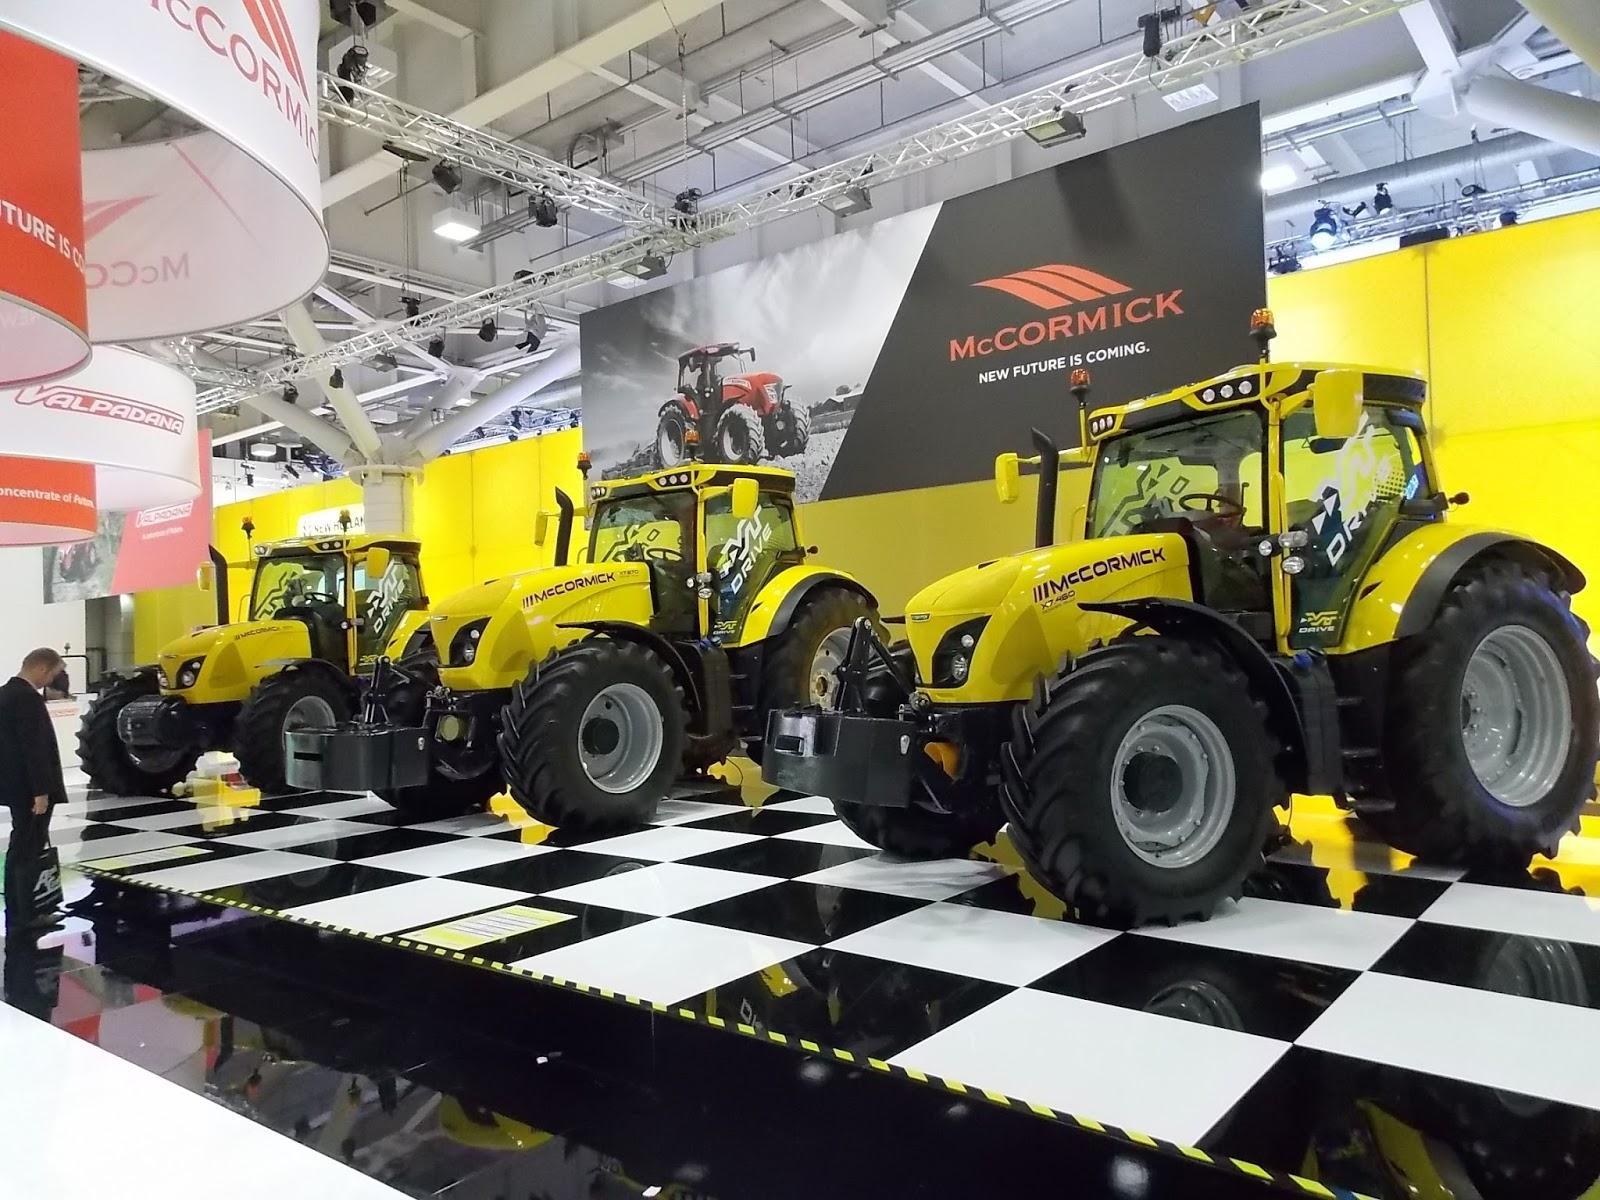 Más que máquinas agrícolas: ¿A QUÉ CHOCA?, LOS COLORES EN EL MUNDO ...